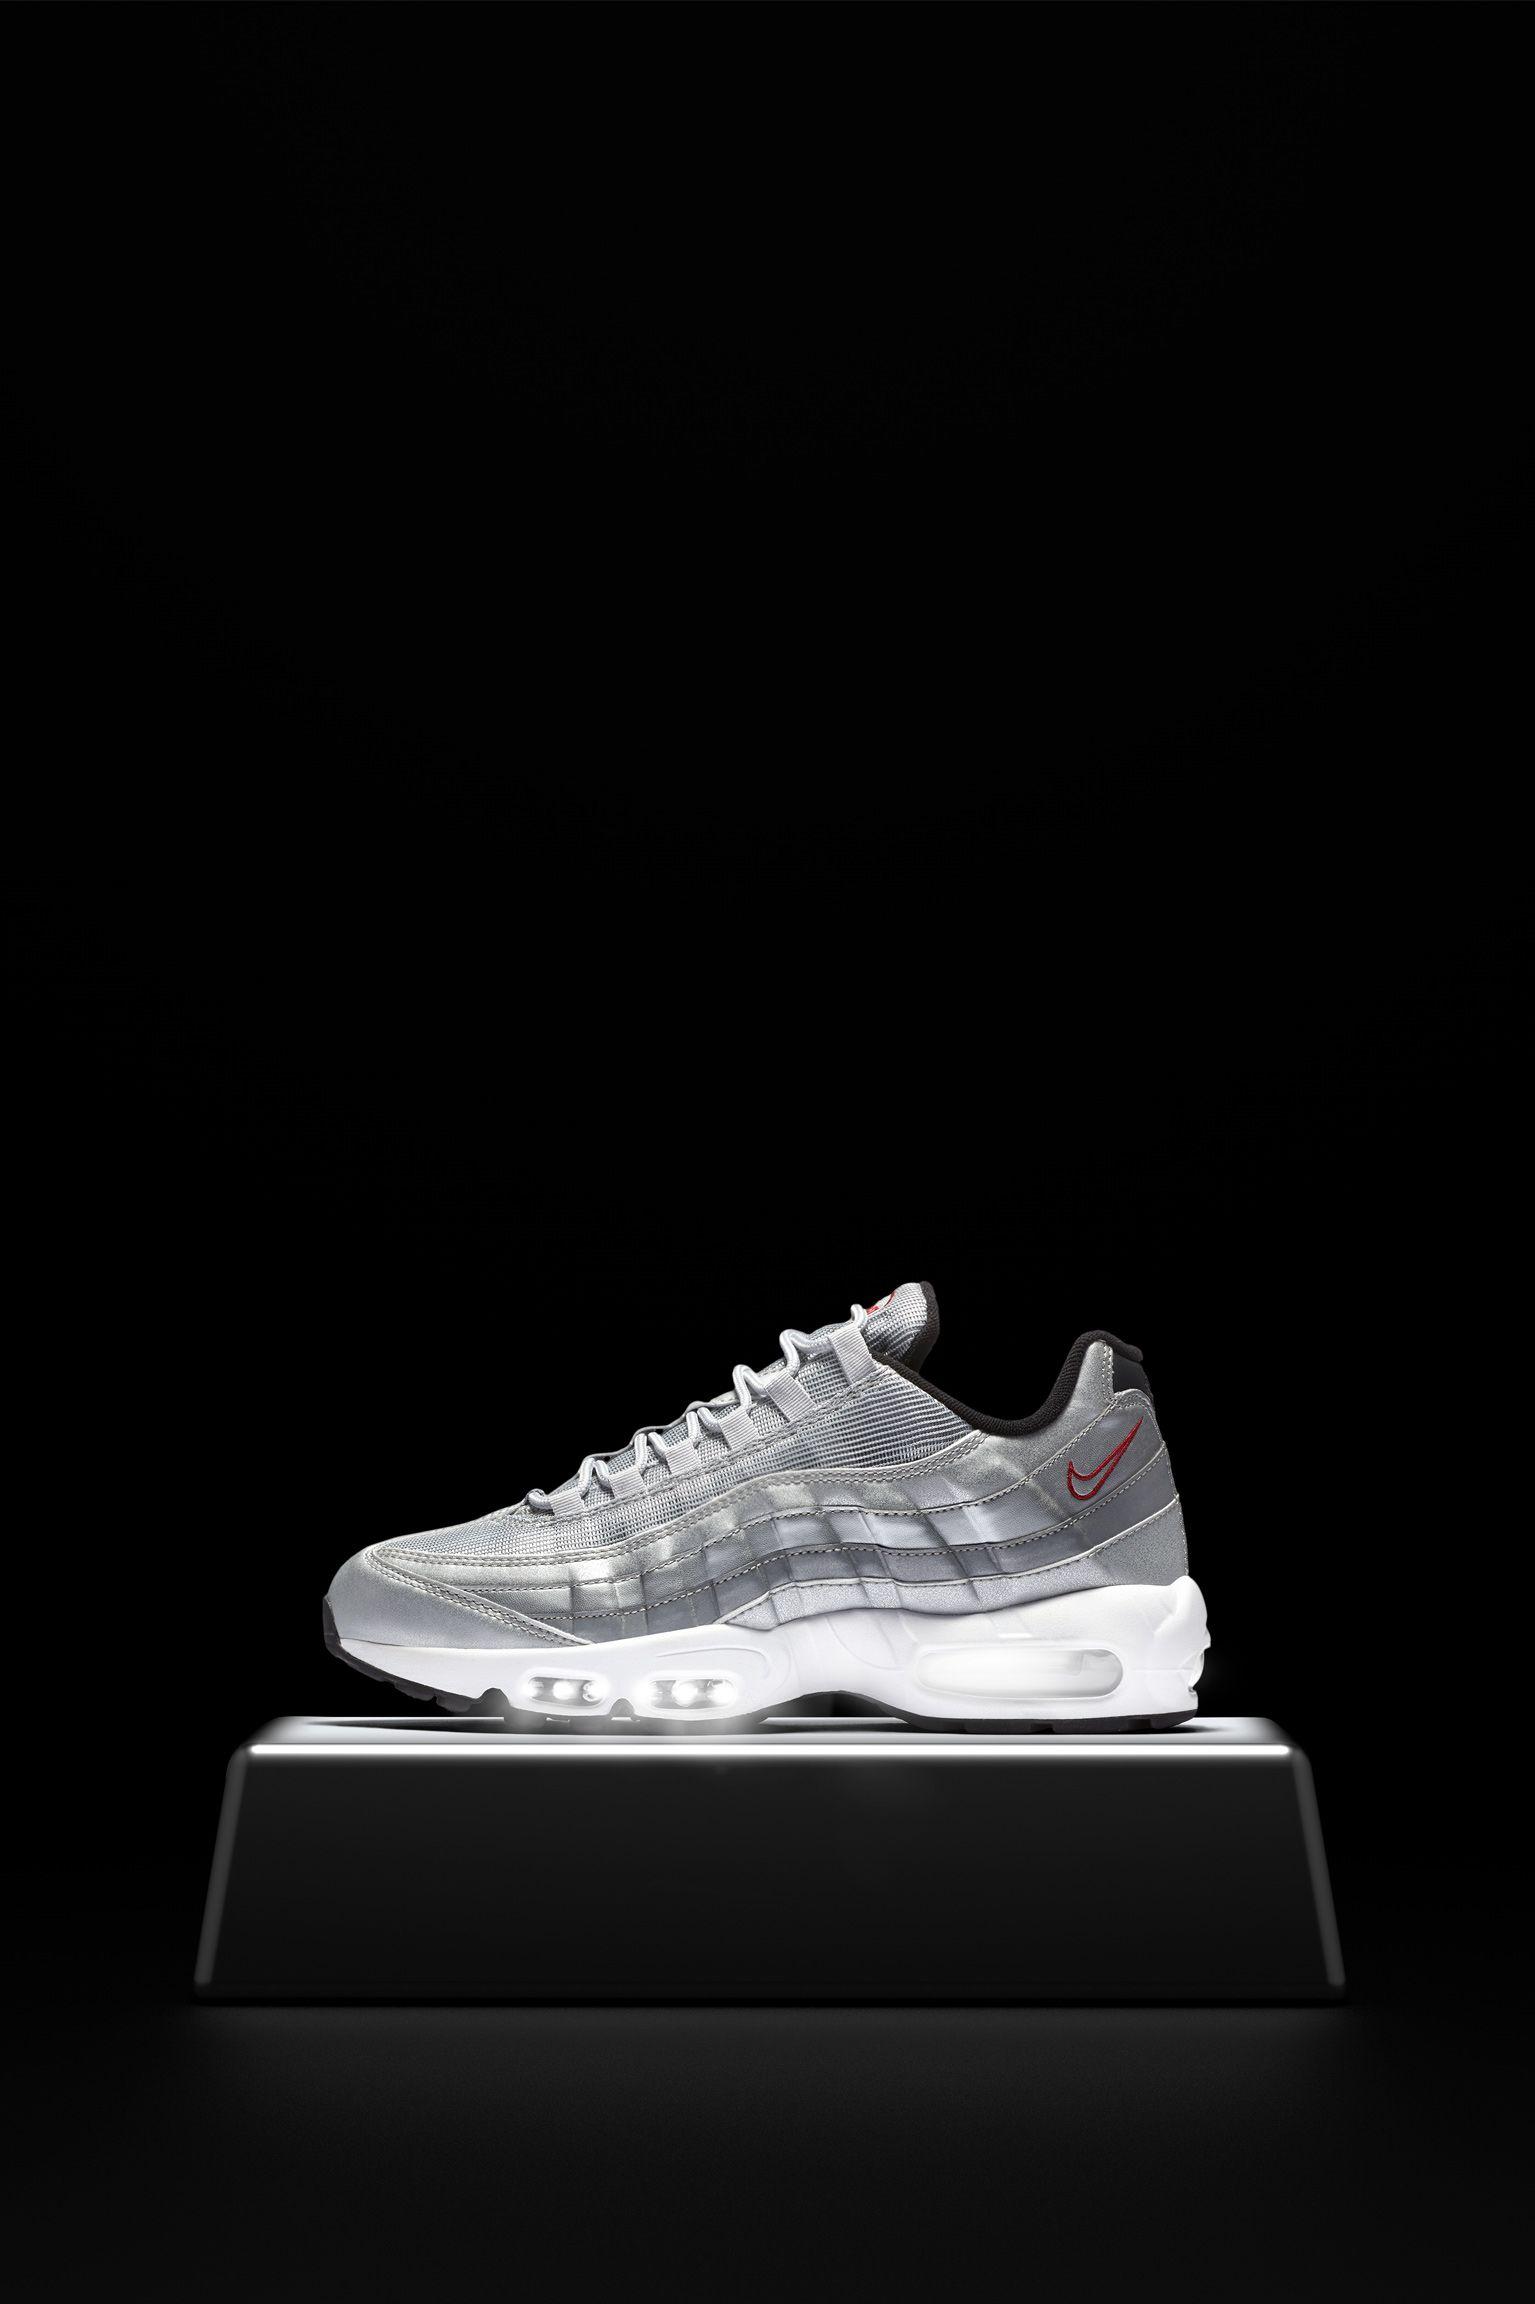 Nike Air Max 95 Premium  Metallic Silver . Nike+ SNKRS 7b4581fd6d